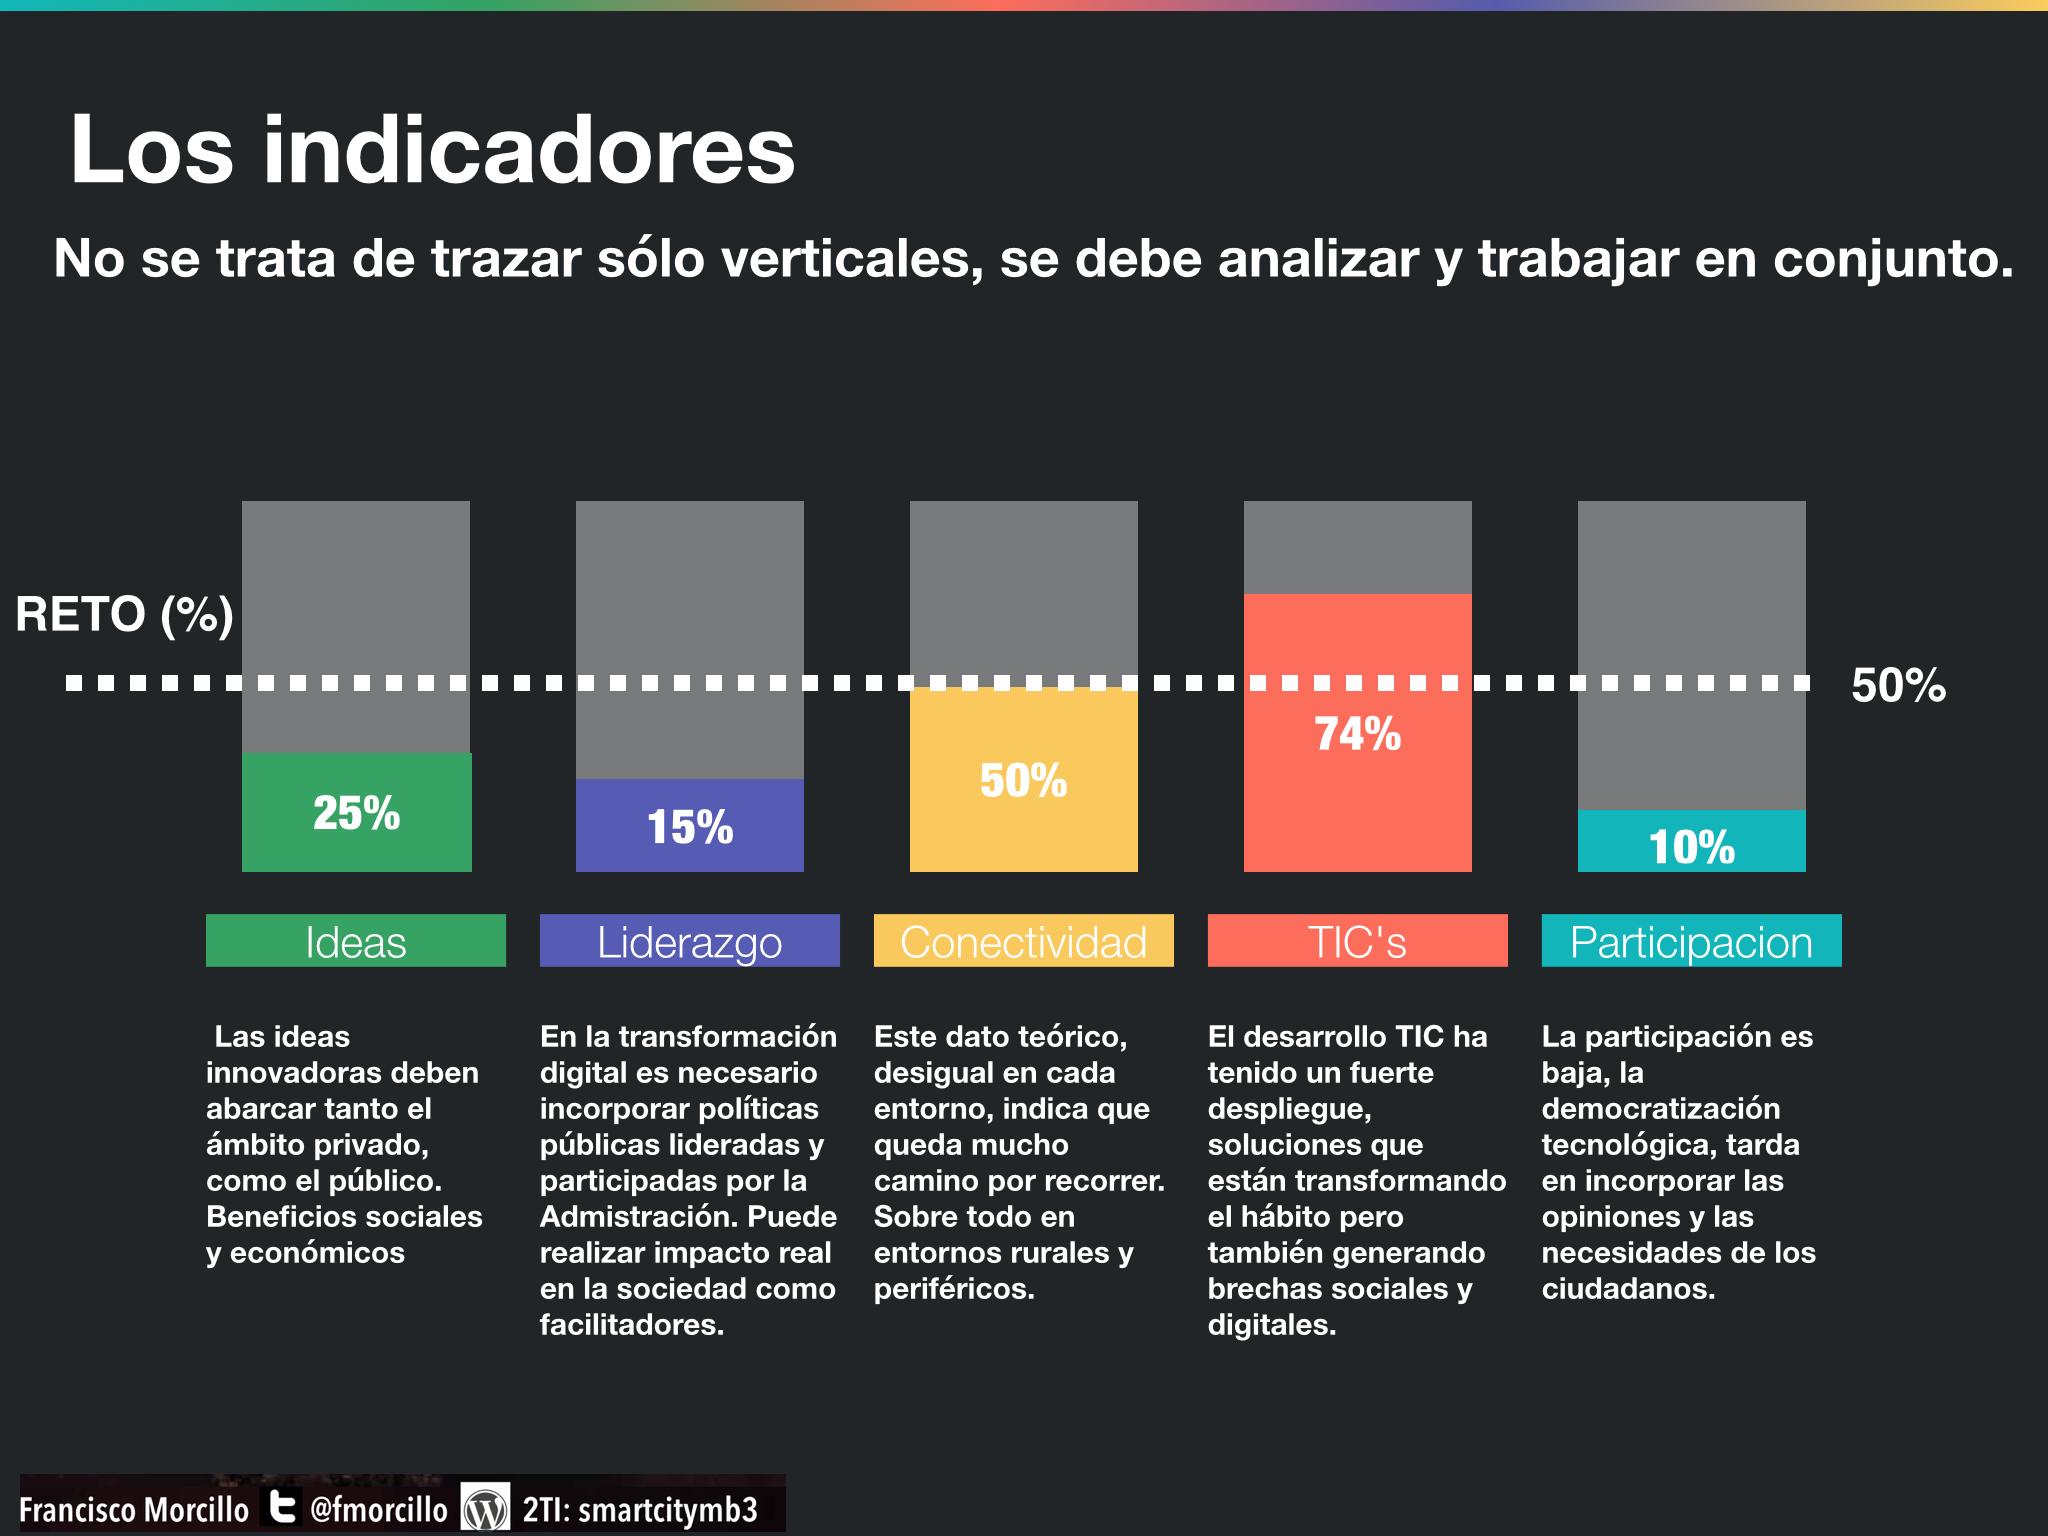 Los indicadores_SmartCity